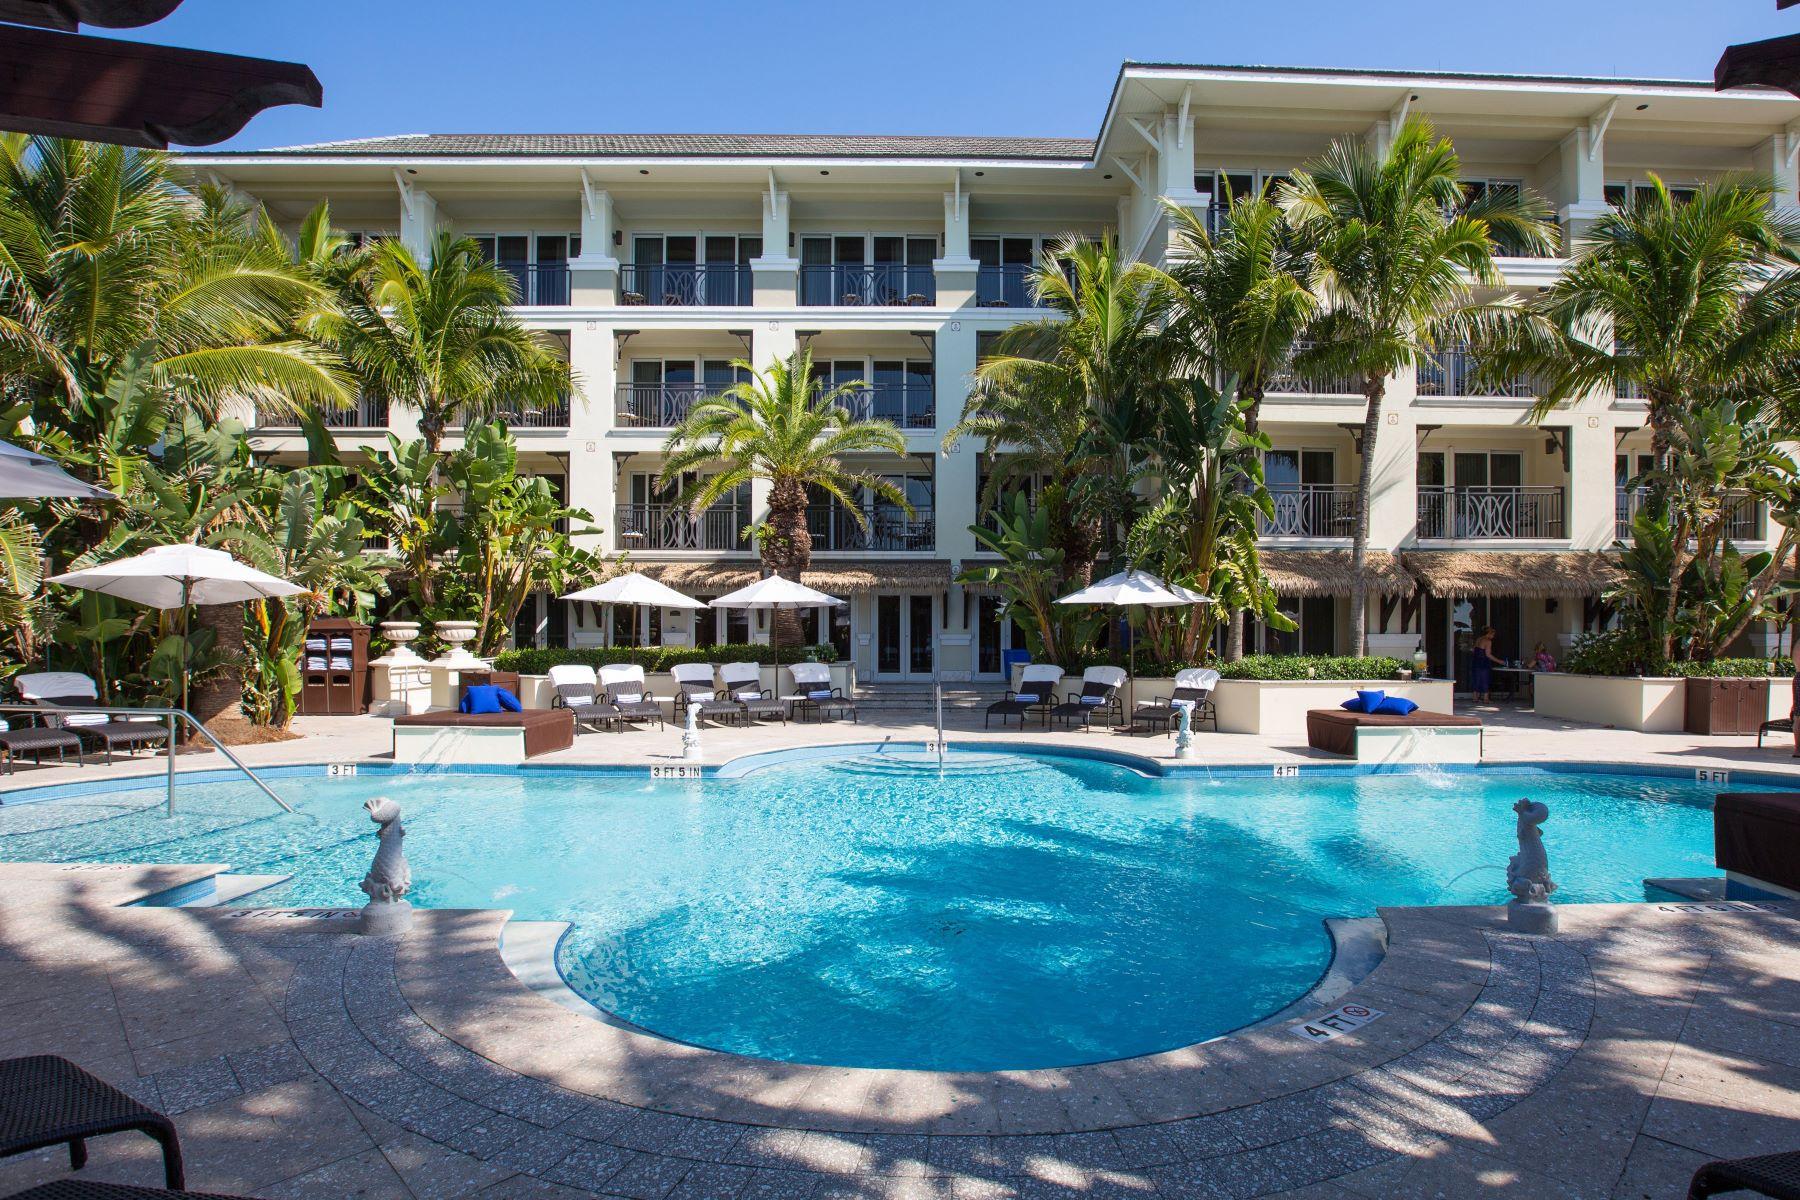 for Sale at 3500 Ocean Drive, #105, Vero Beach, FL 3500 Ocean Drive, 105 Vero Beach, Florida 32963 United States